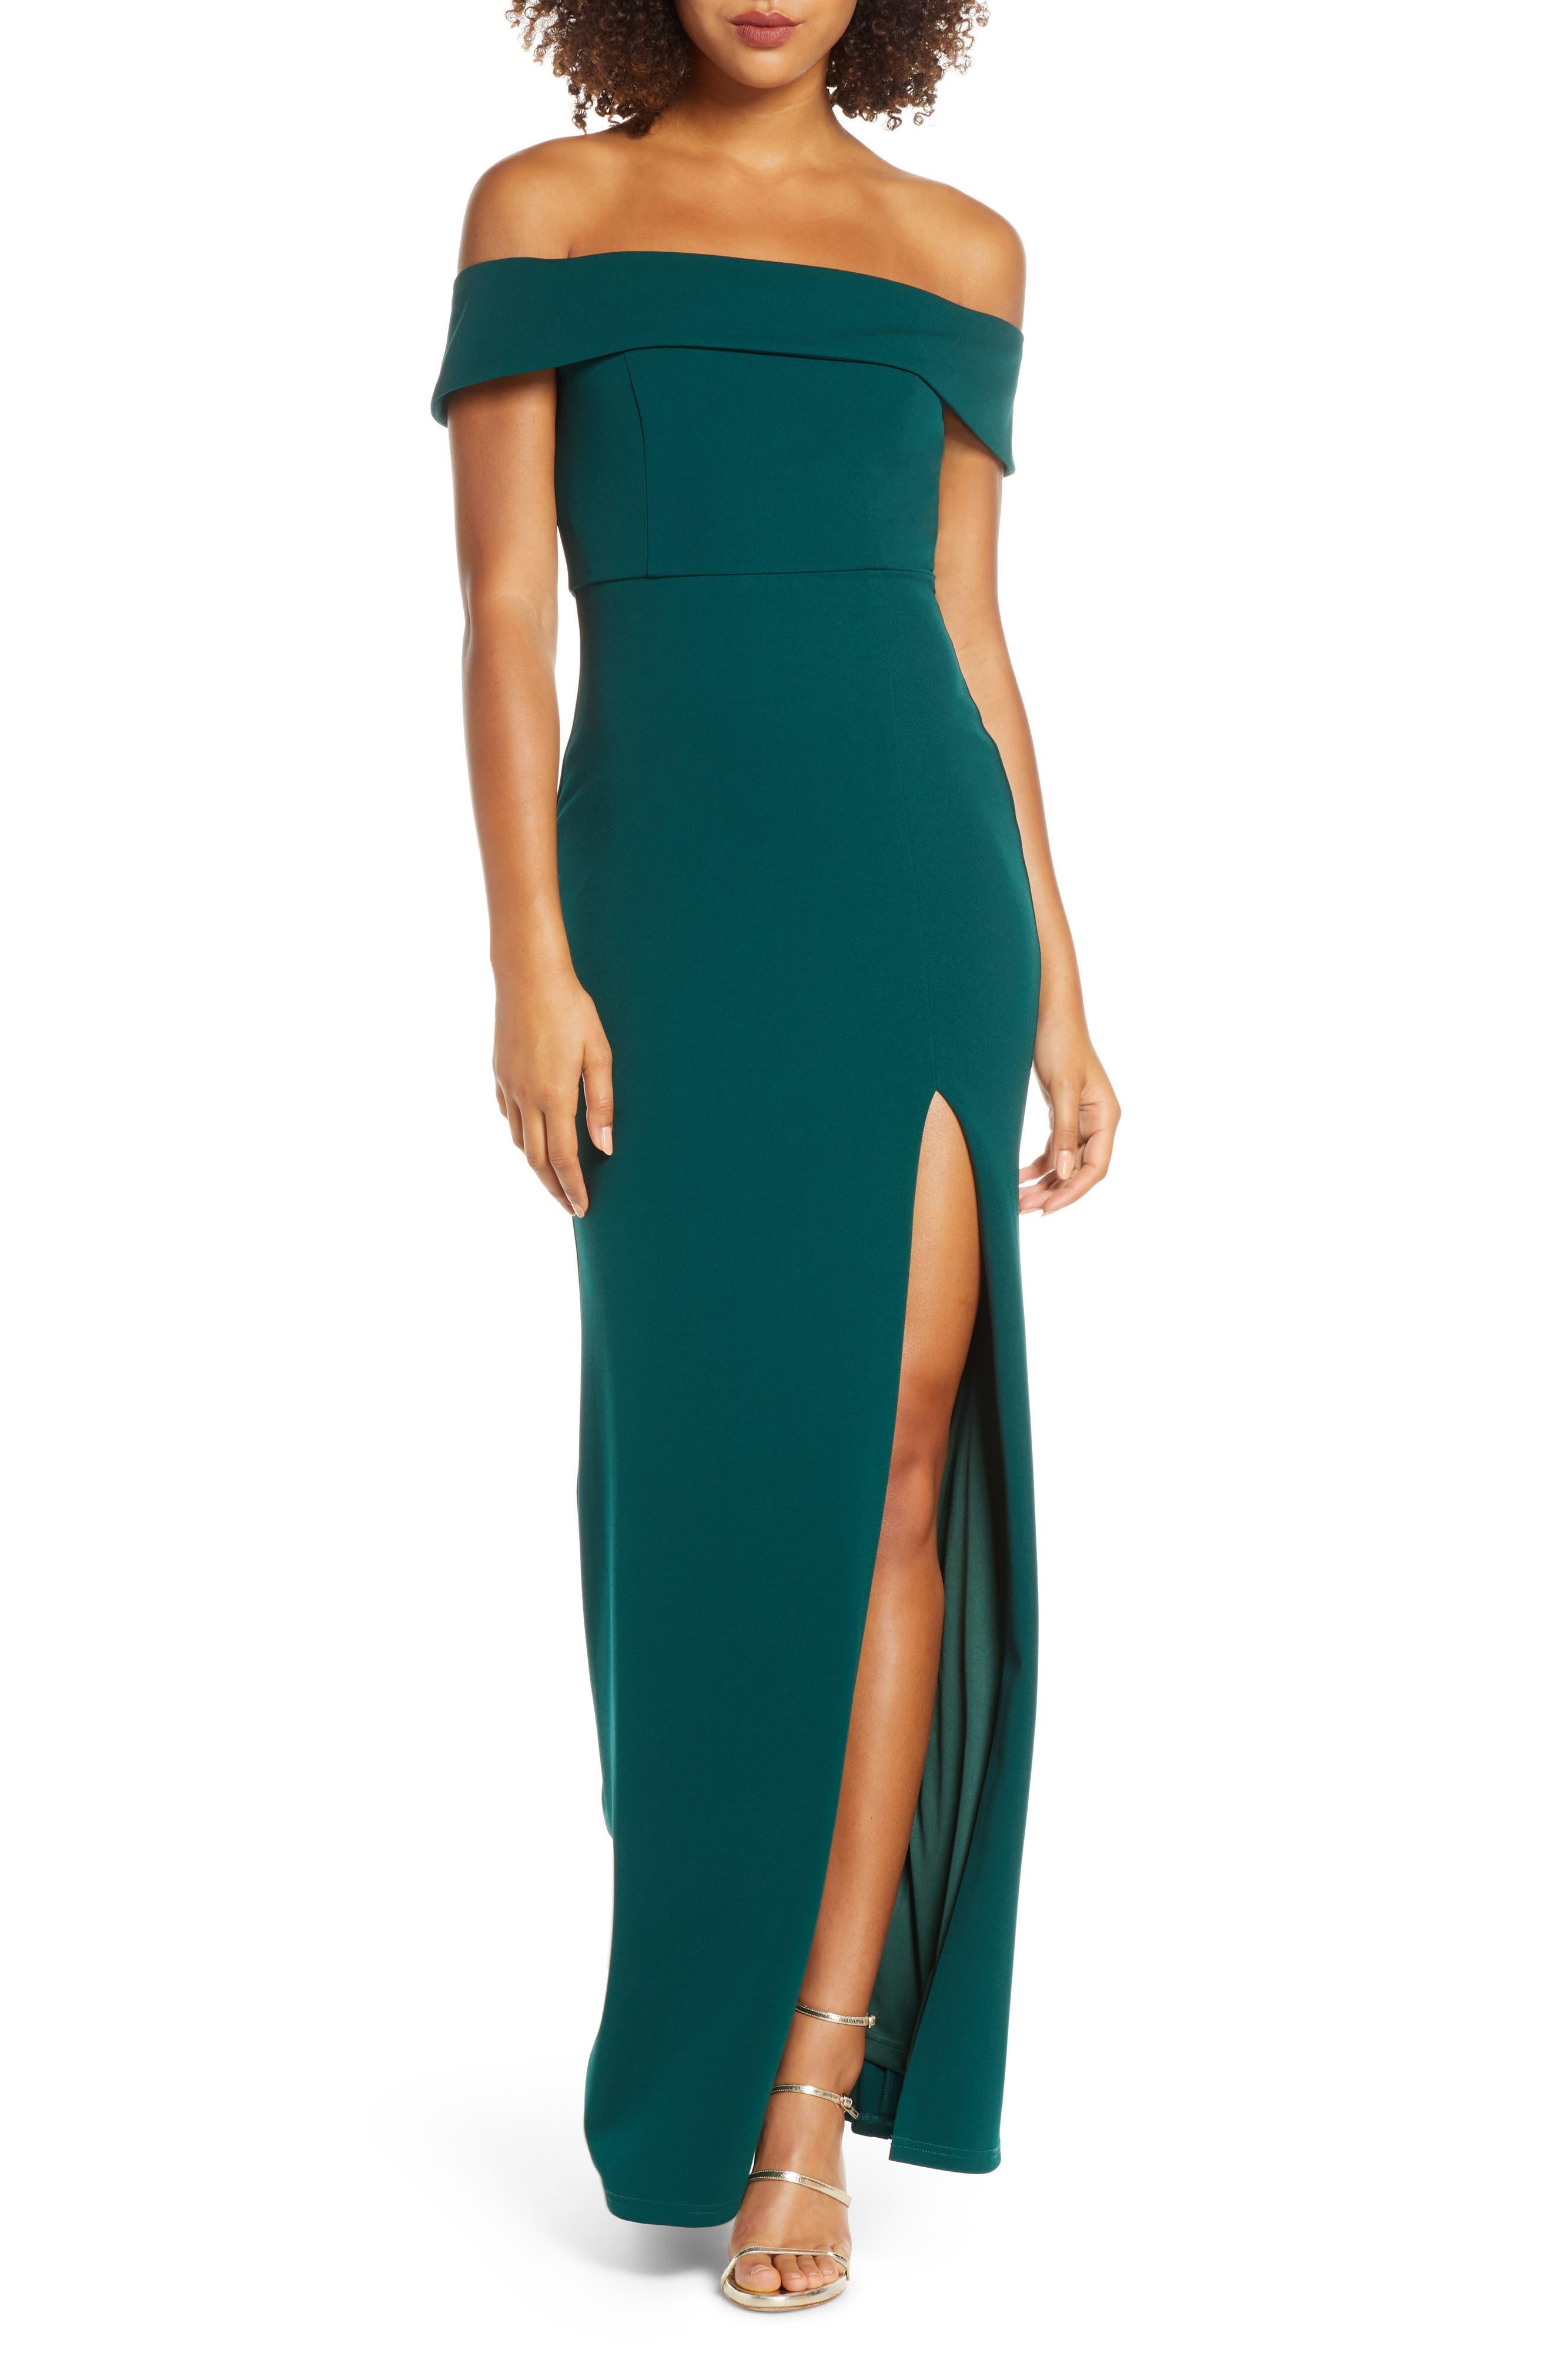 Lulus Off The Shoulder Mermaid Gown